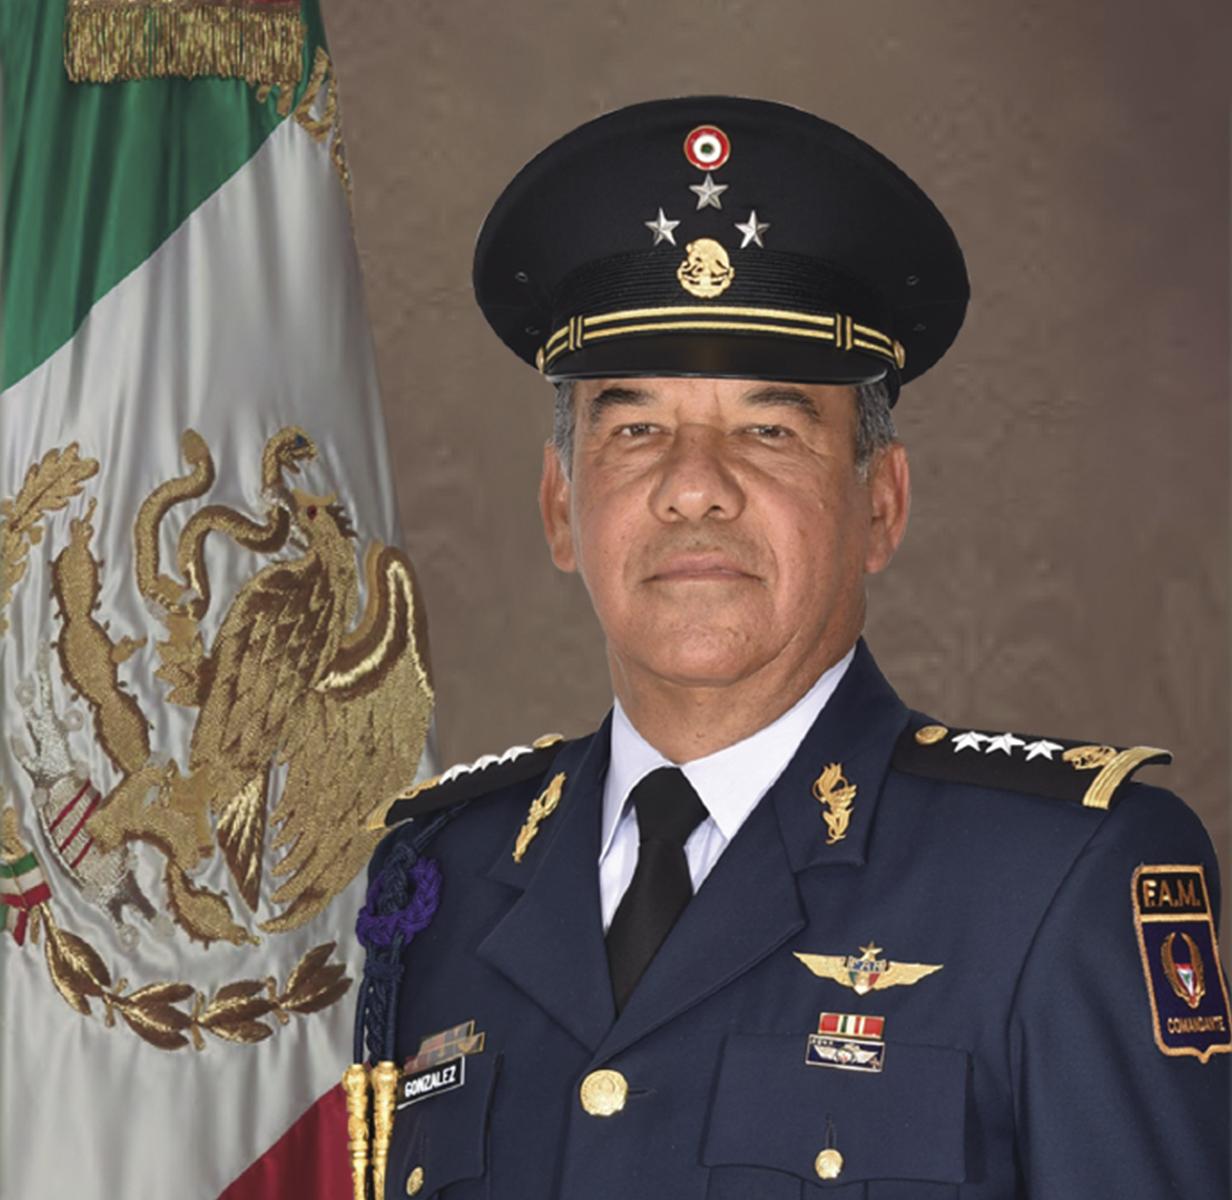 General de División Piloto Aviador Diplomado de Estado Mayor Aéreo Manuel de Jesús Hernández González.